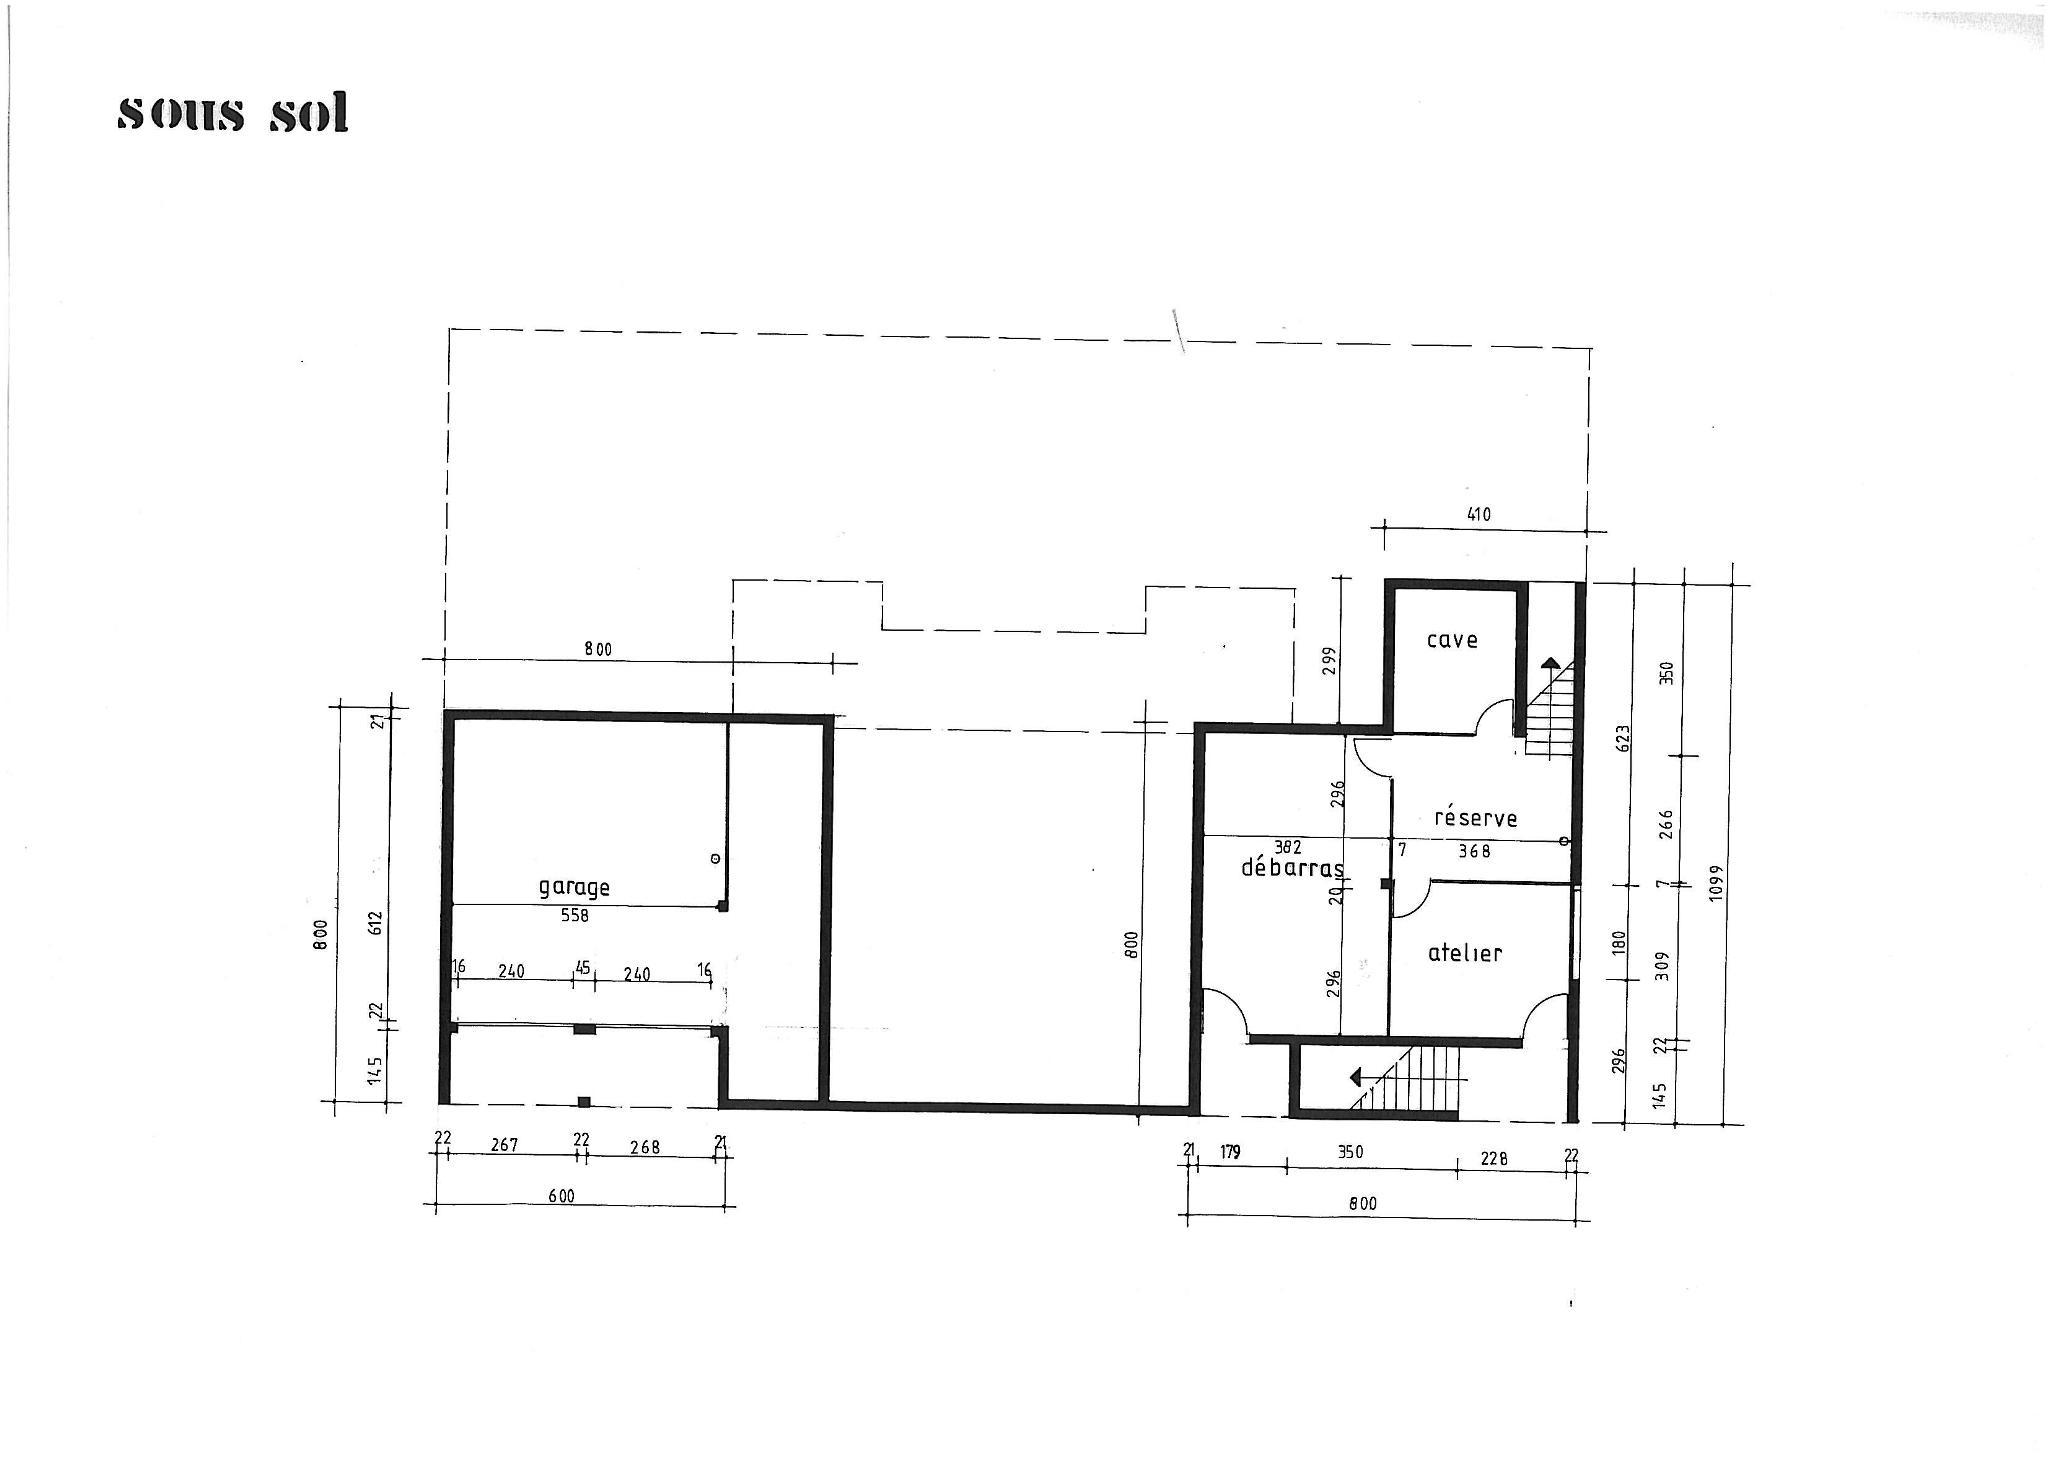 plan-origine-sous-sol